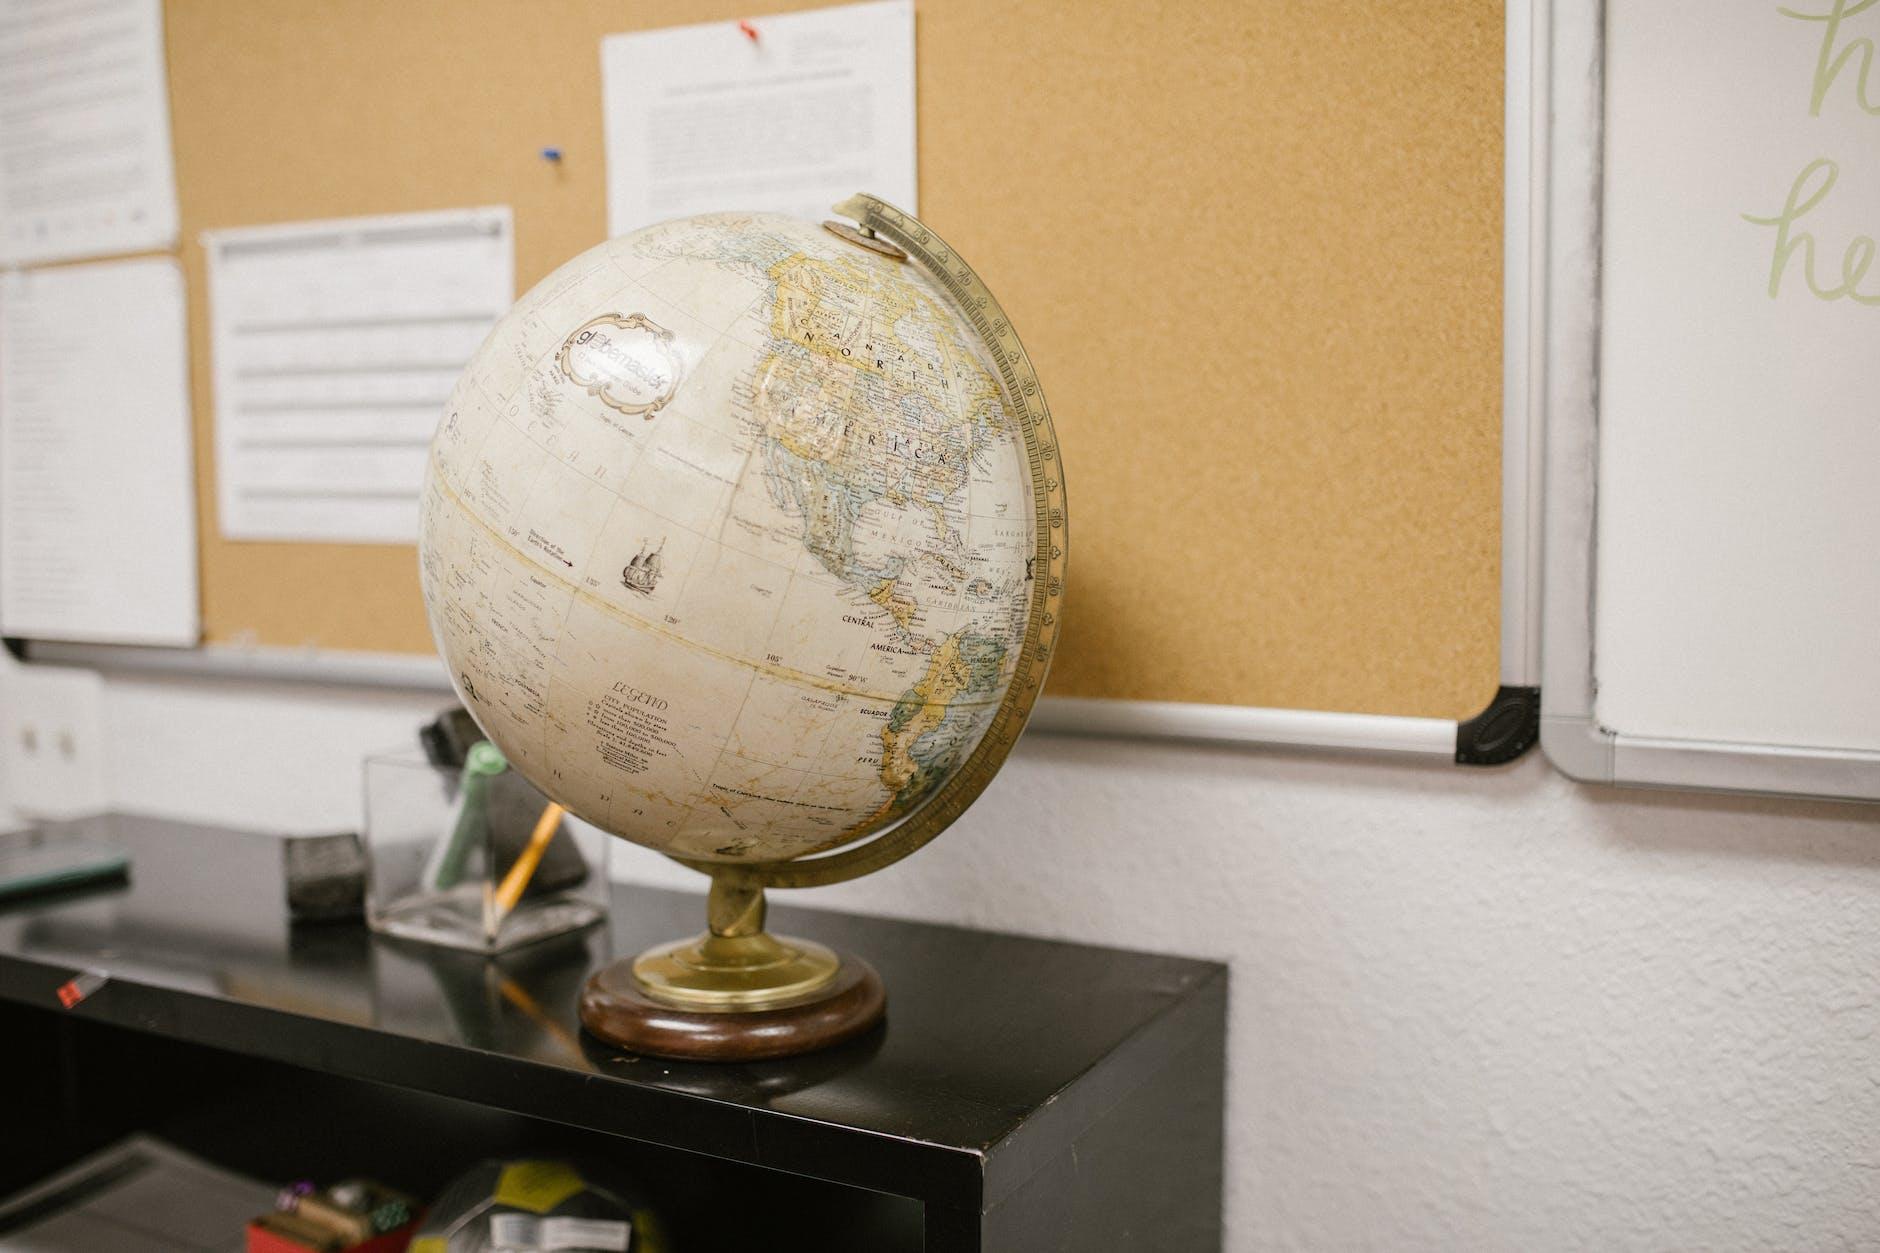 Strive School veut augmenter le nombre d'ingénieurs en logiciels prêts à travailler en Europe